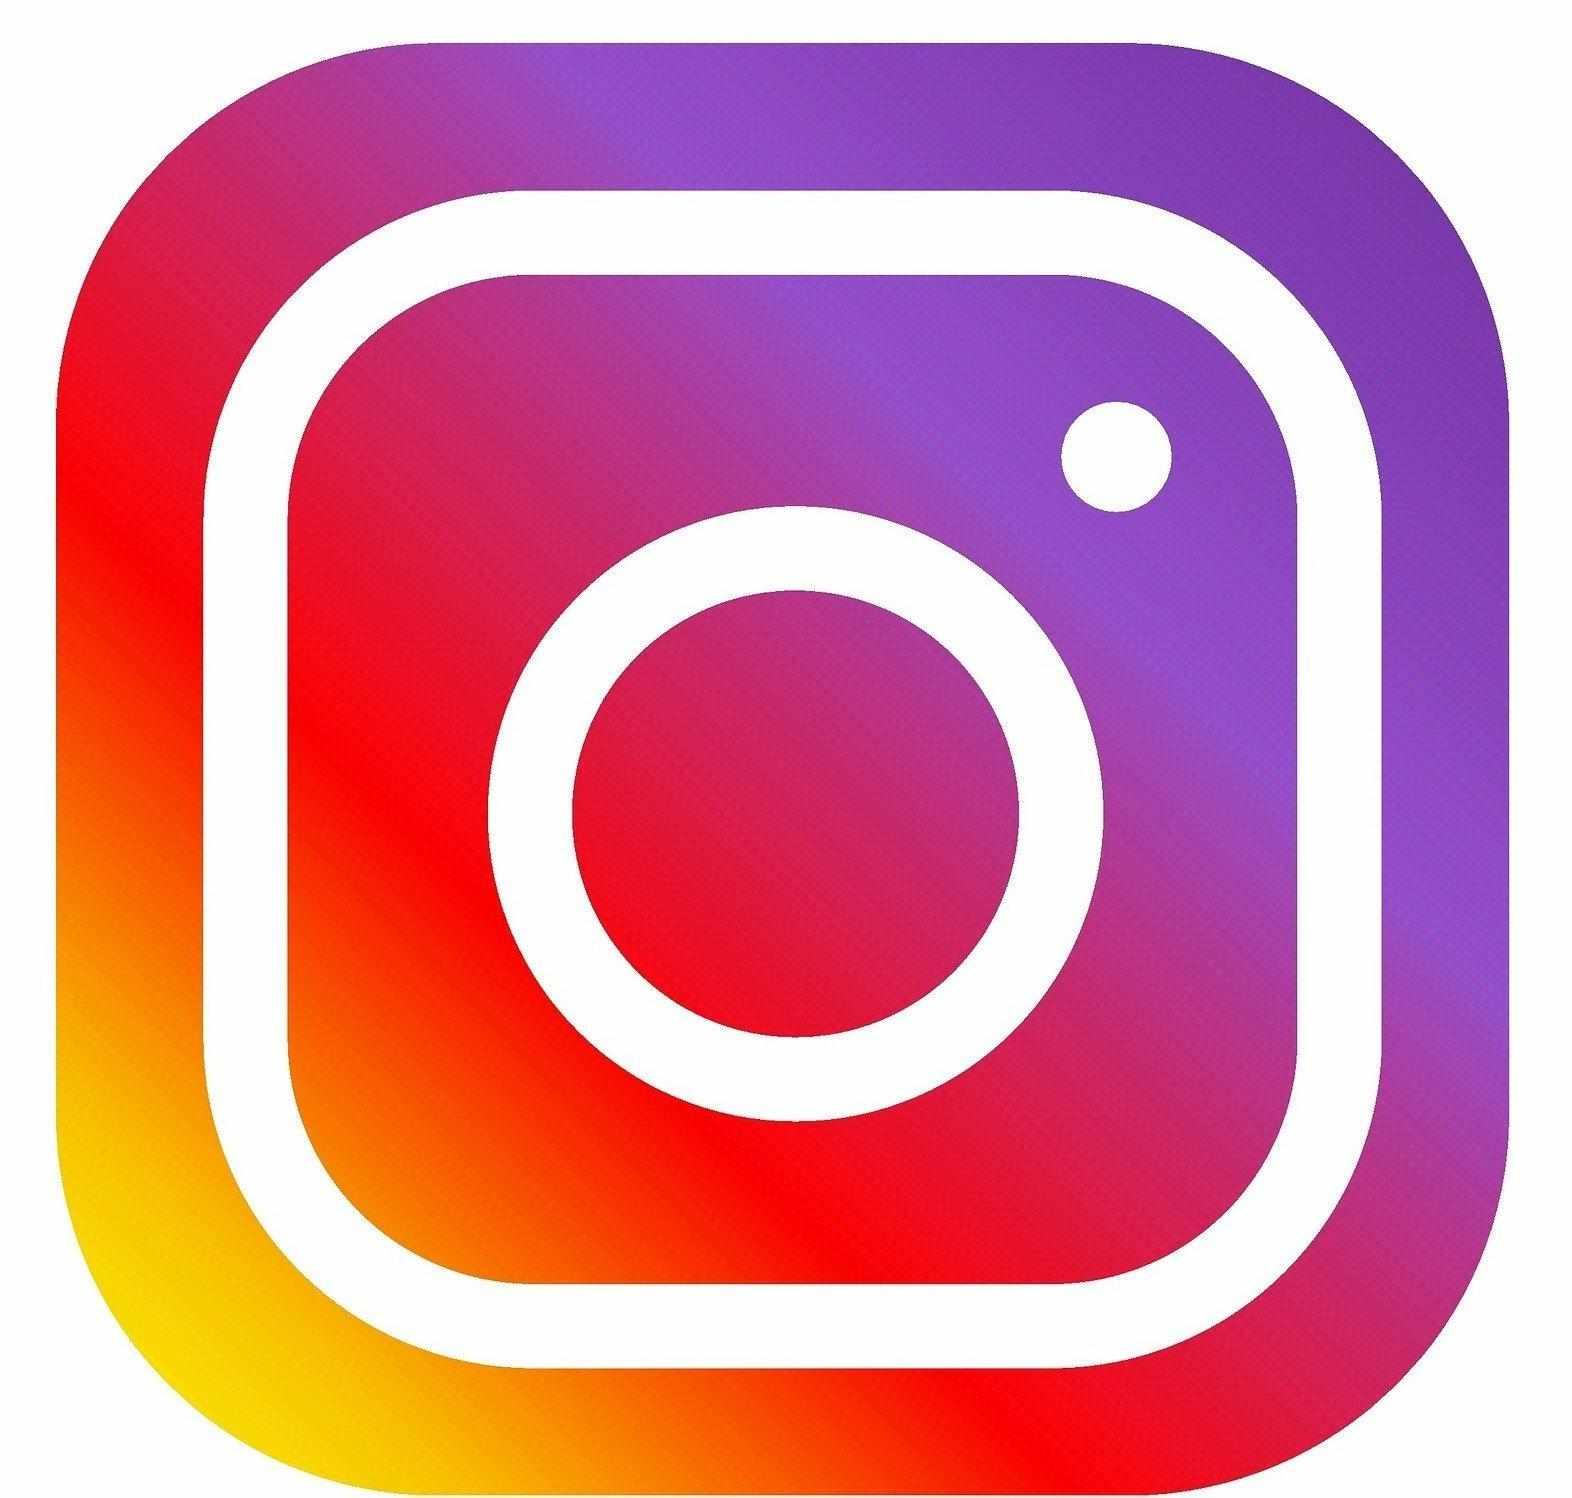 Le strategie per far crescere il tuo business con Instagram